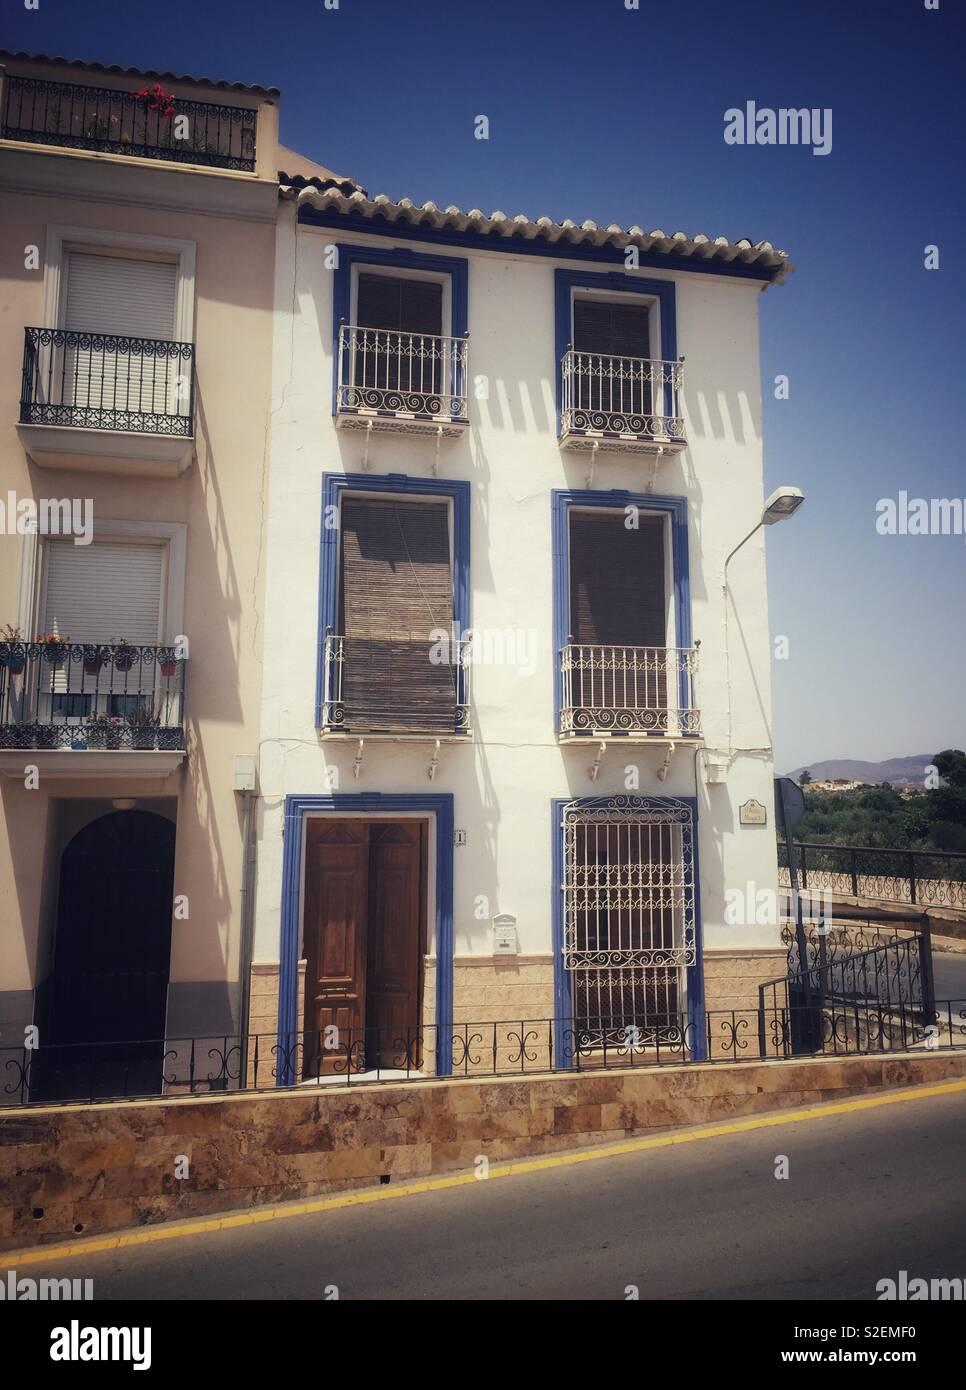 Spanish house - Stock Image